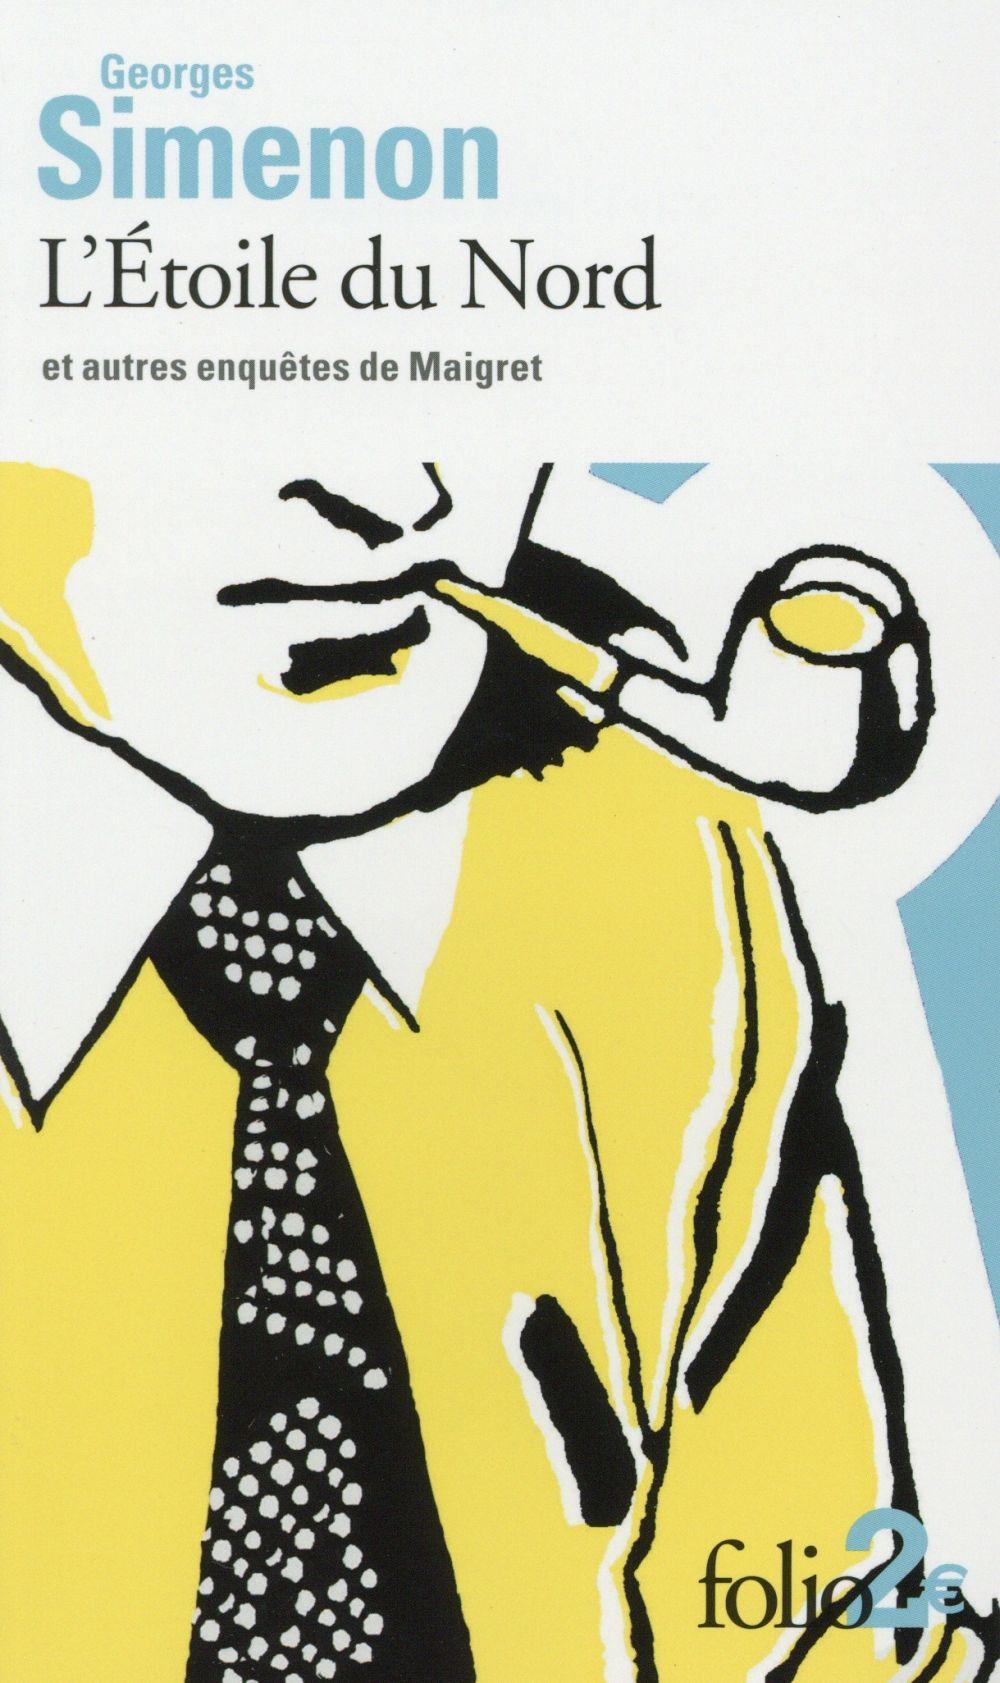 L'ETOILE DU NORD ET AUTRES ENQUETES DE MAIGRET SIMENON GEORGES Gallimard